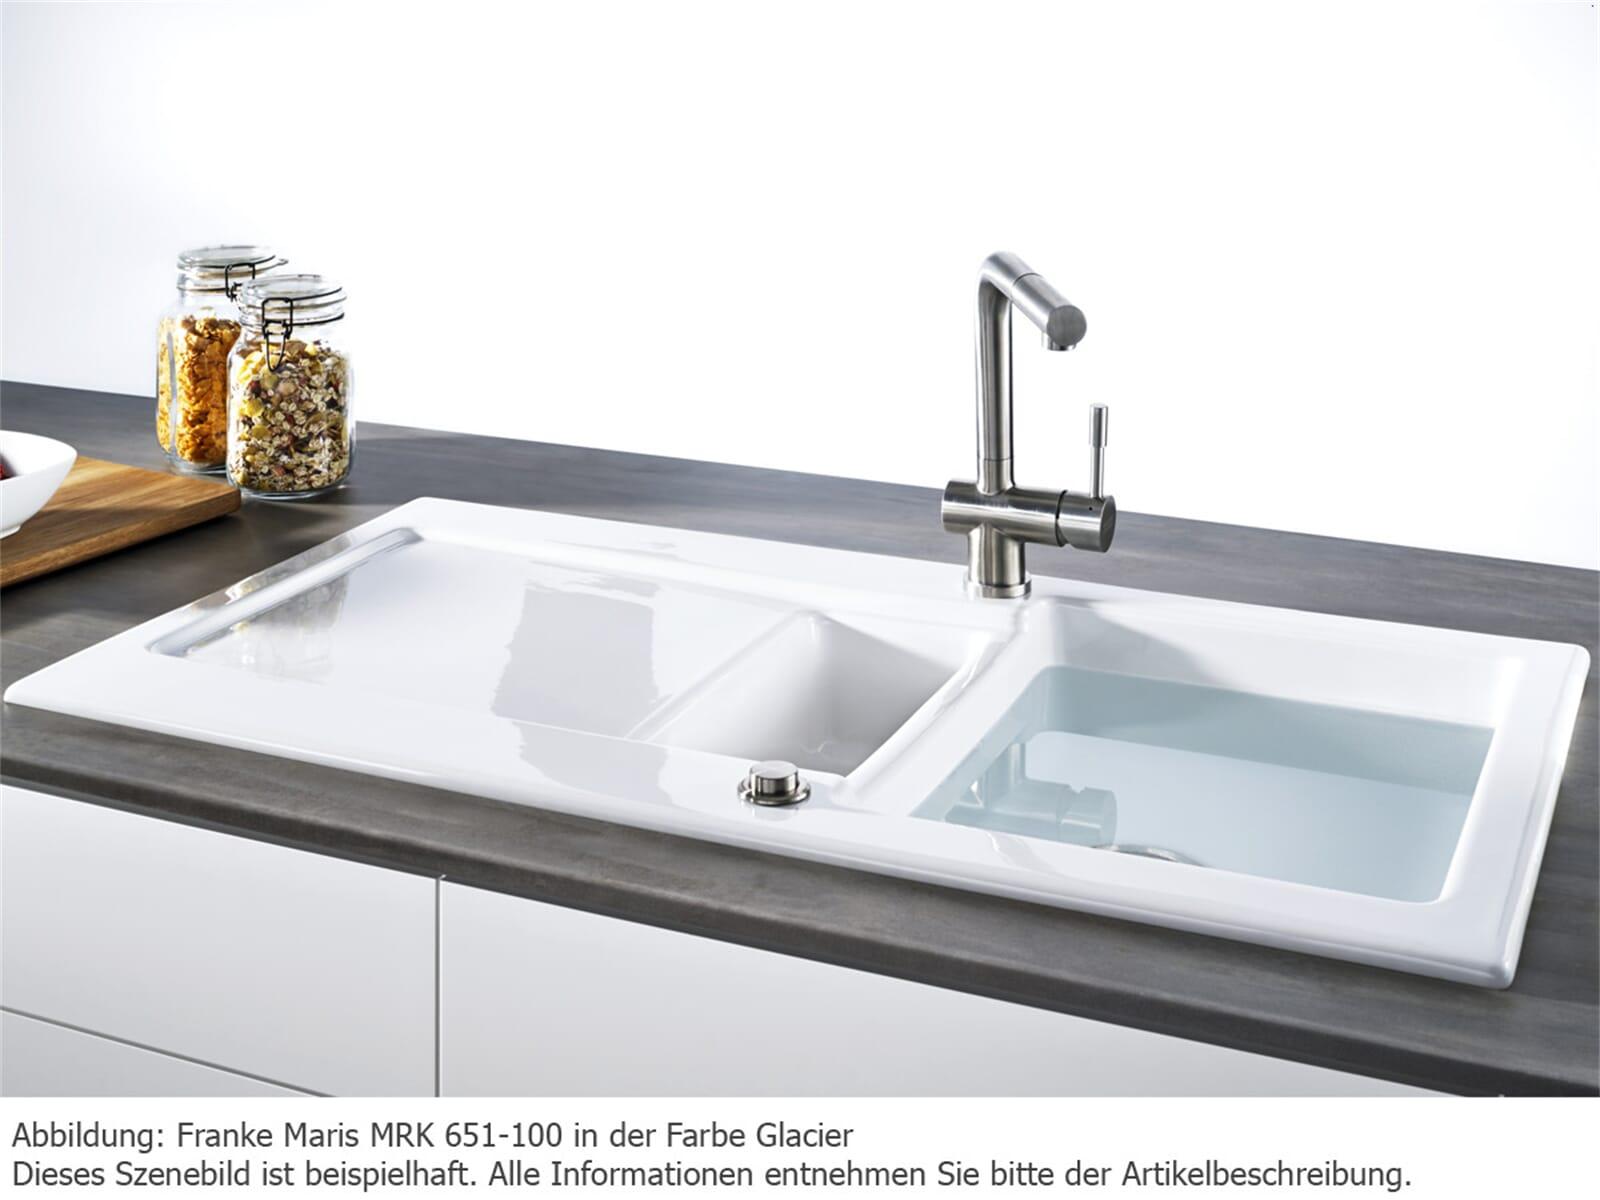 Franke Maris MRK 651-100 Glacier Keramikspüle